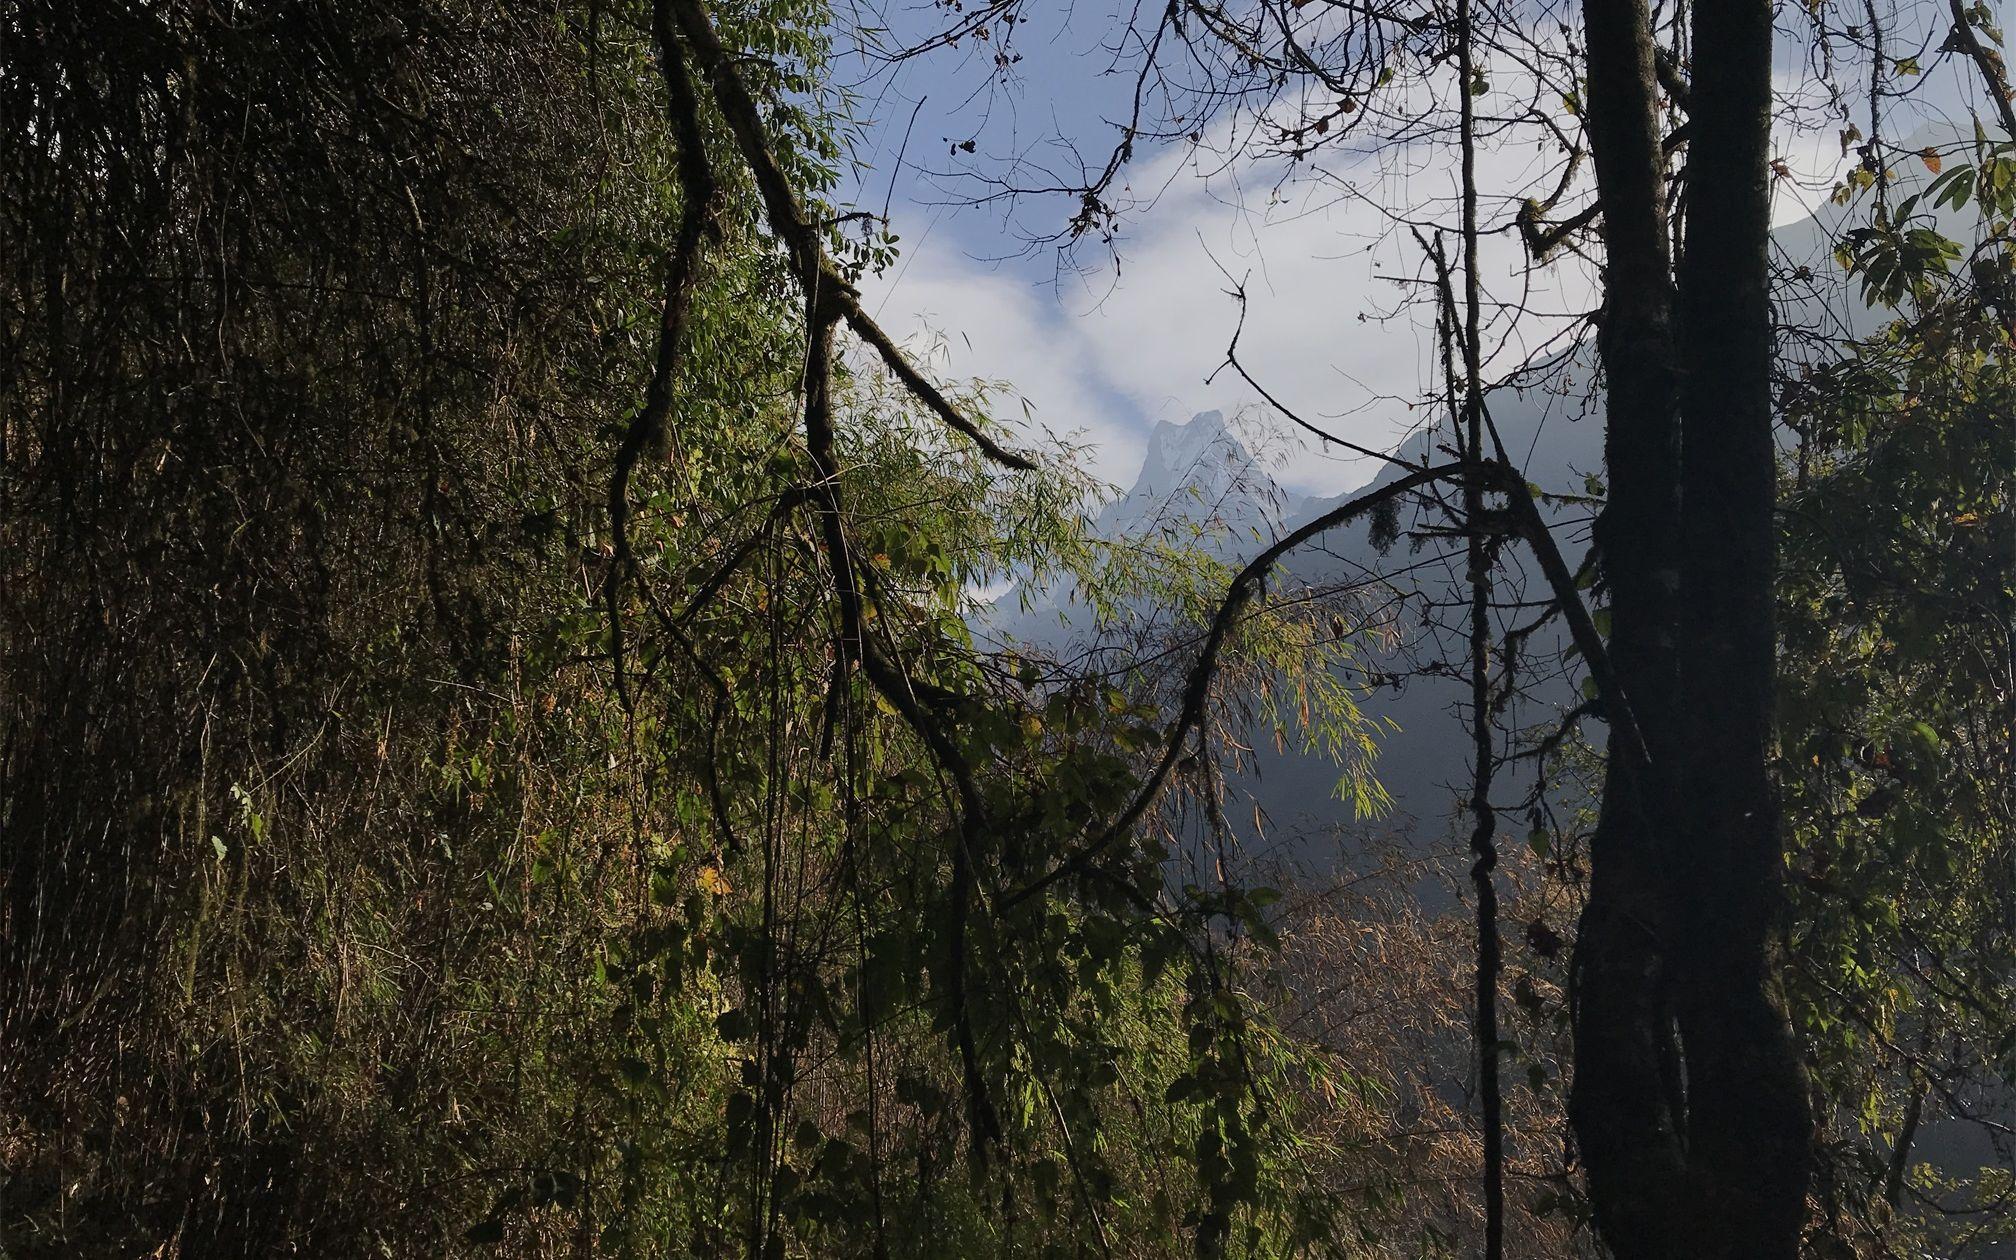 尼泊尔安娜普尔纳徒步记录(墨马作品)